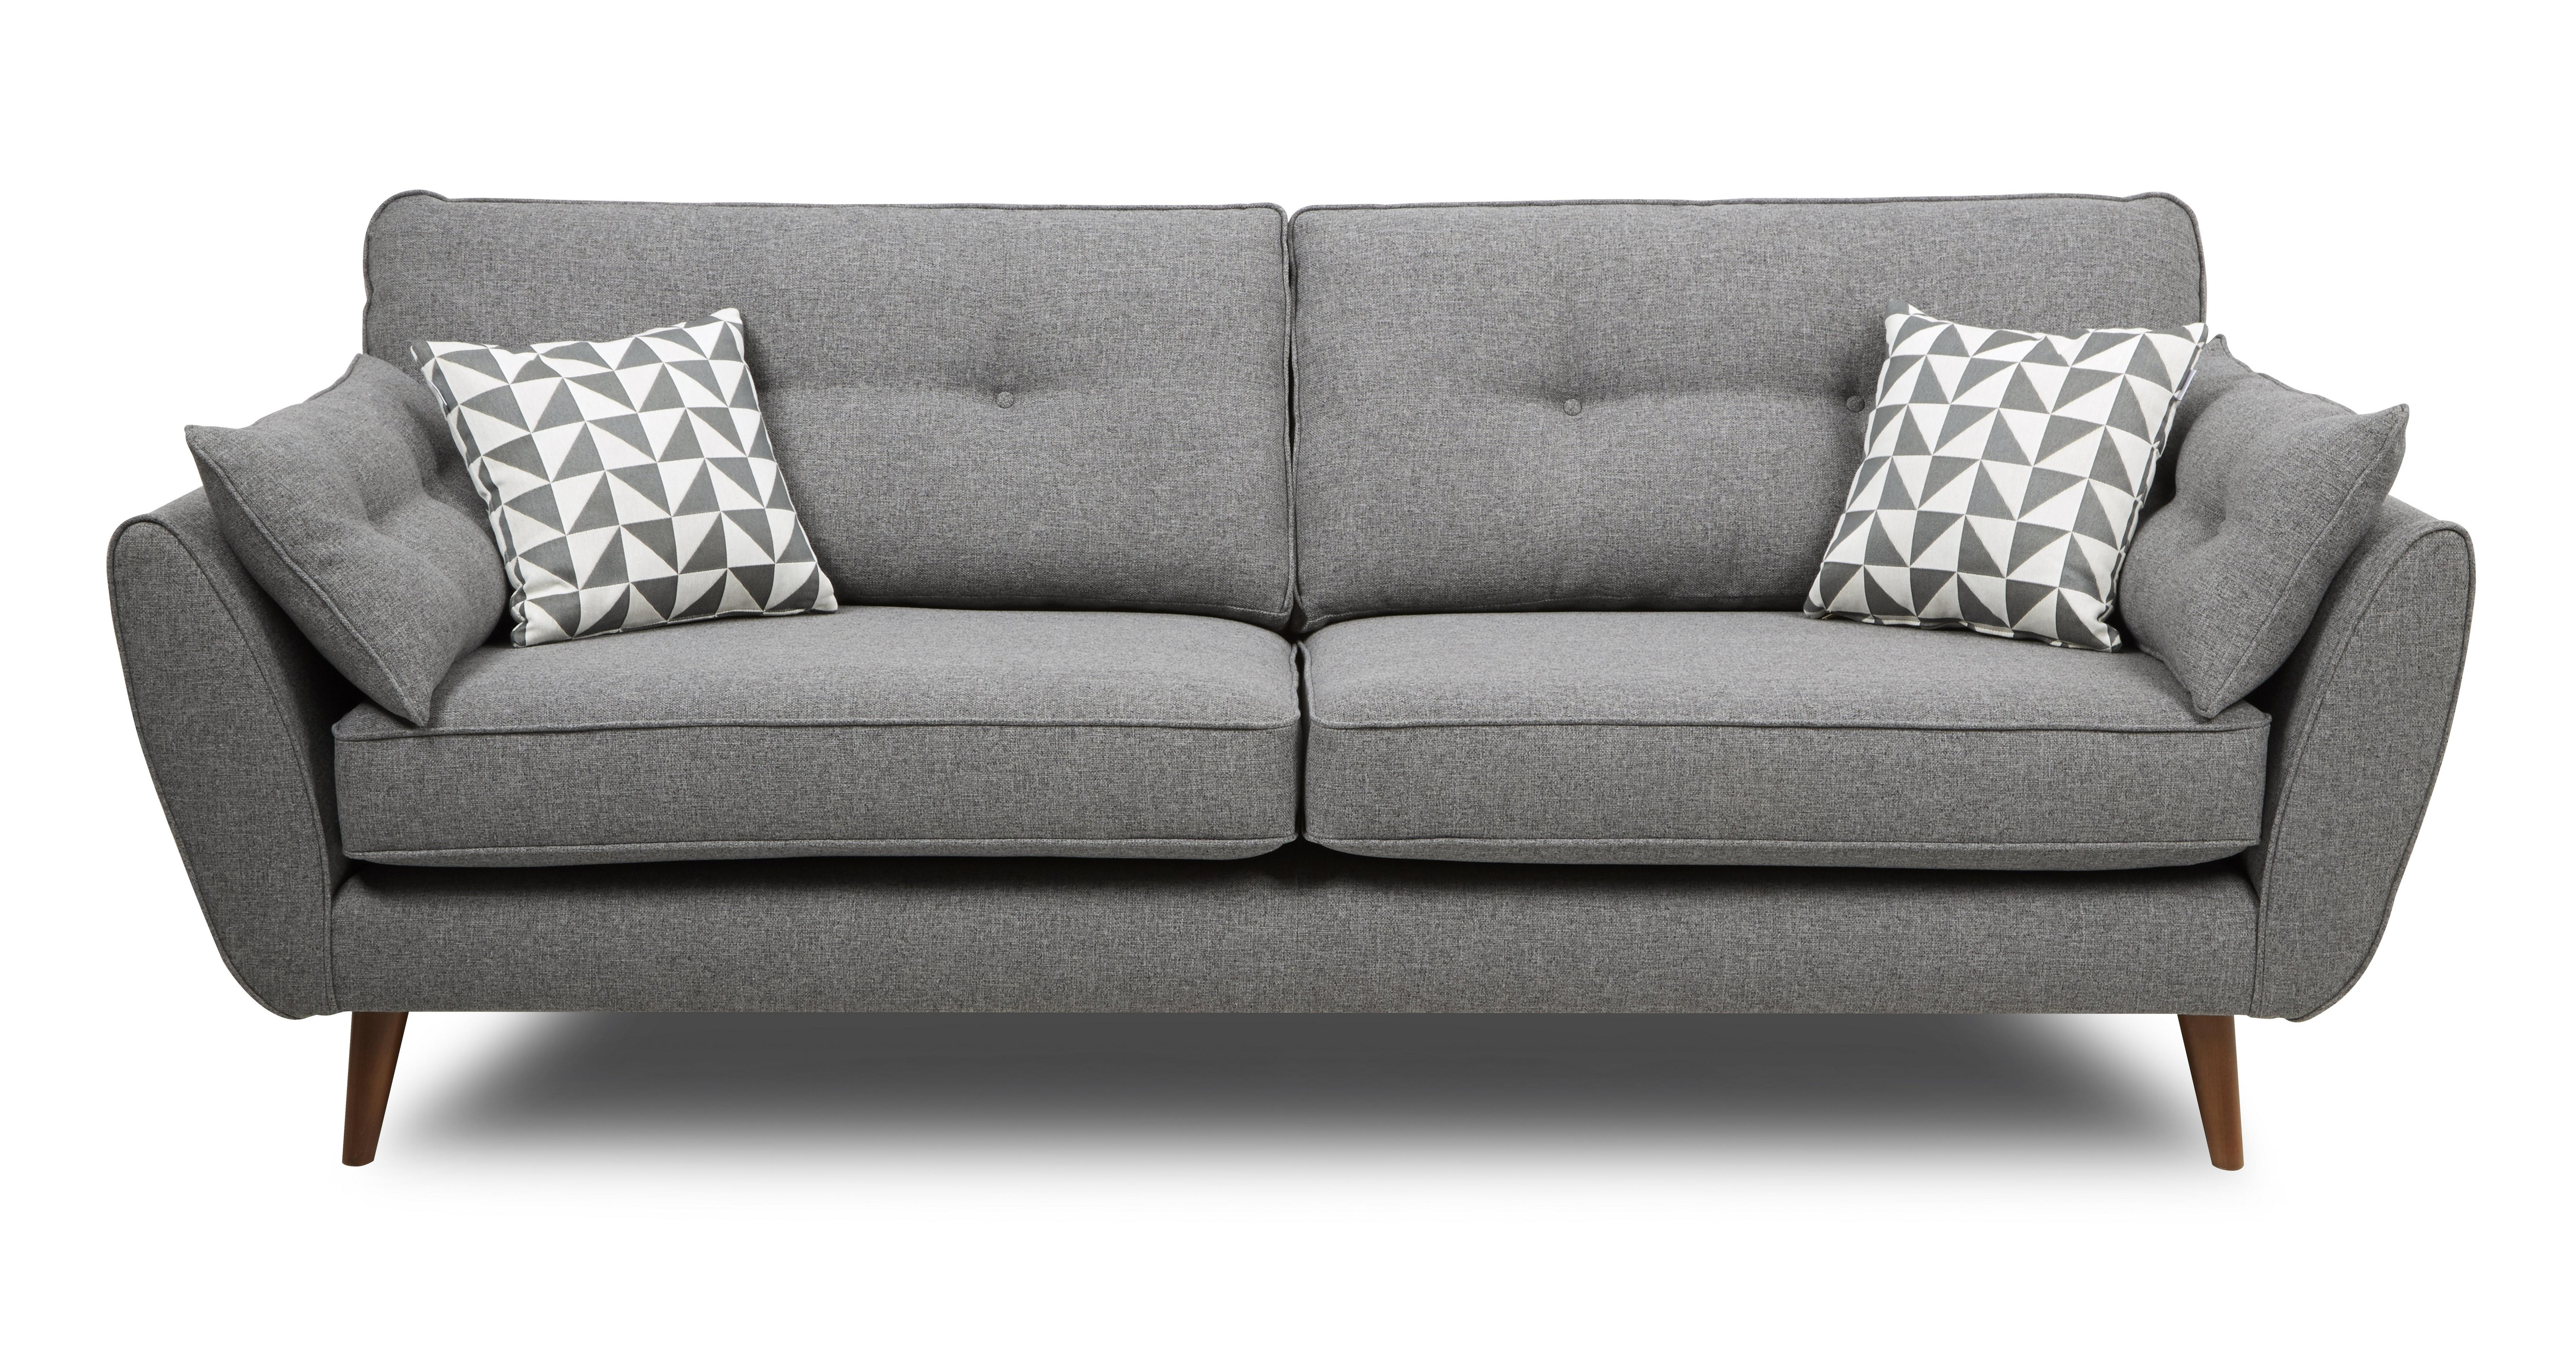 Zinc 4 Seater Sofa DFS : zinc4azincgreycombinationview1 from www.dfs.co.uk size 8000 x 4246 jpeg 2937kB